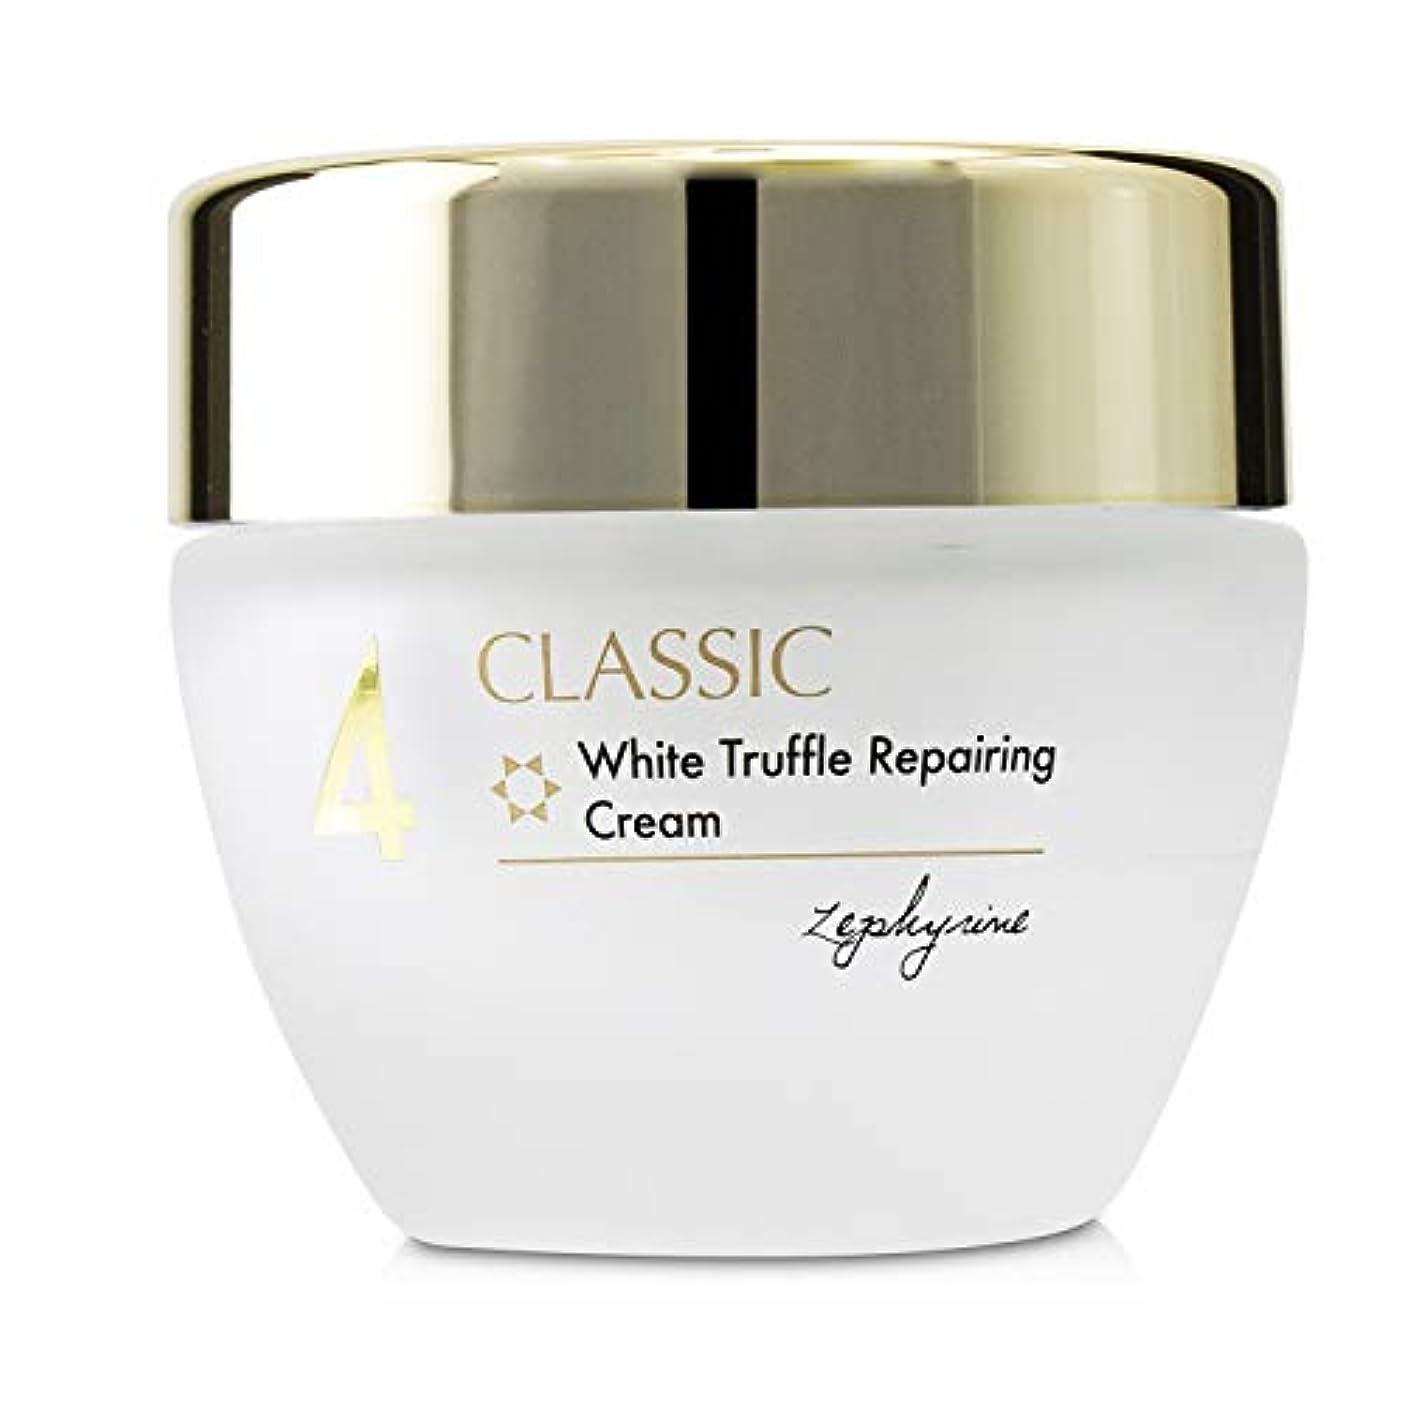 距離コンピューターゲームをプレイするロック解除Zephyrine White Truffle Repairing Cream 50ml/1.7oz並行輸入品